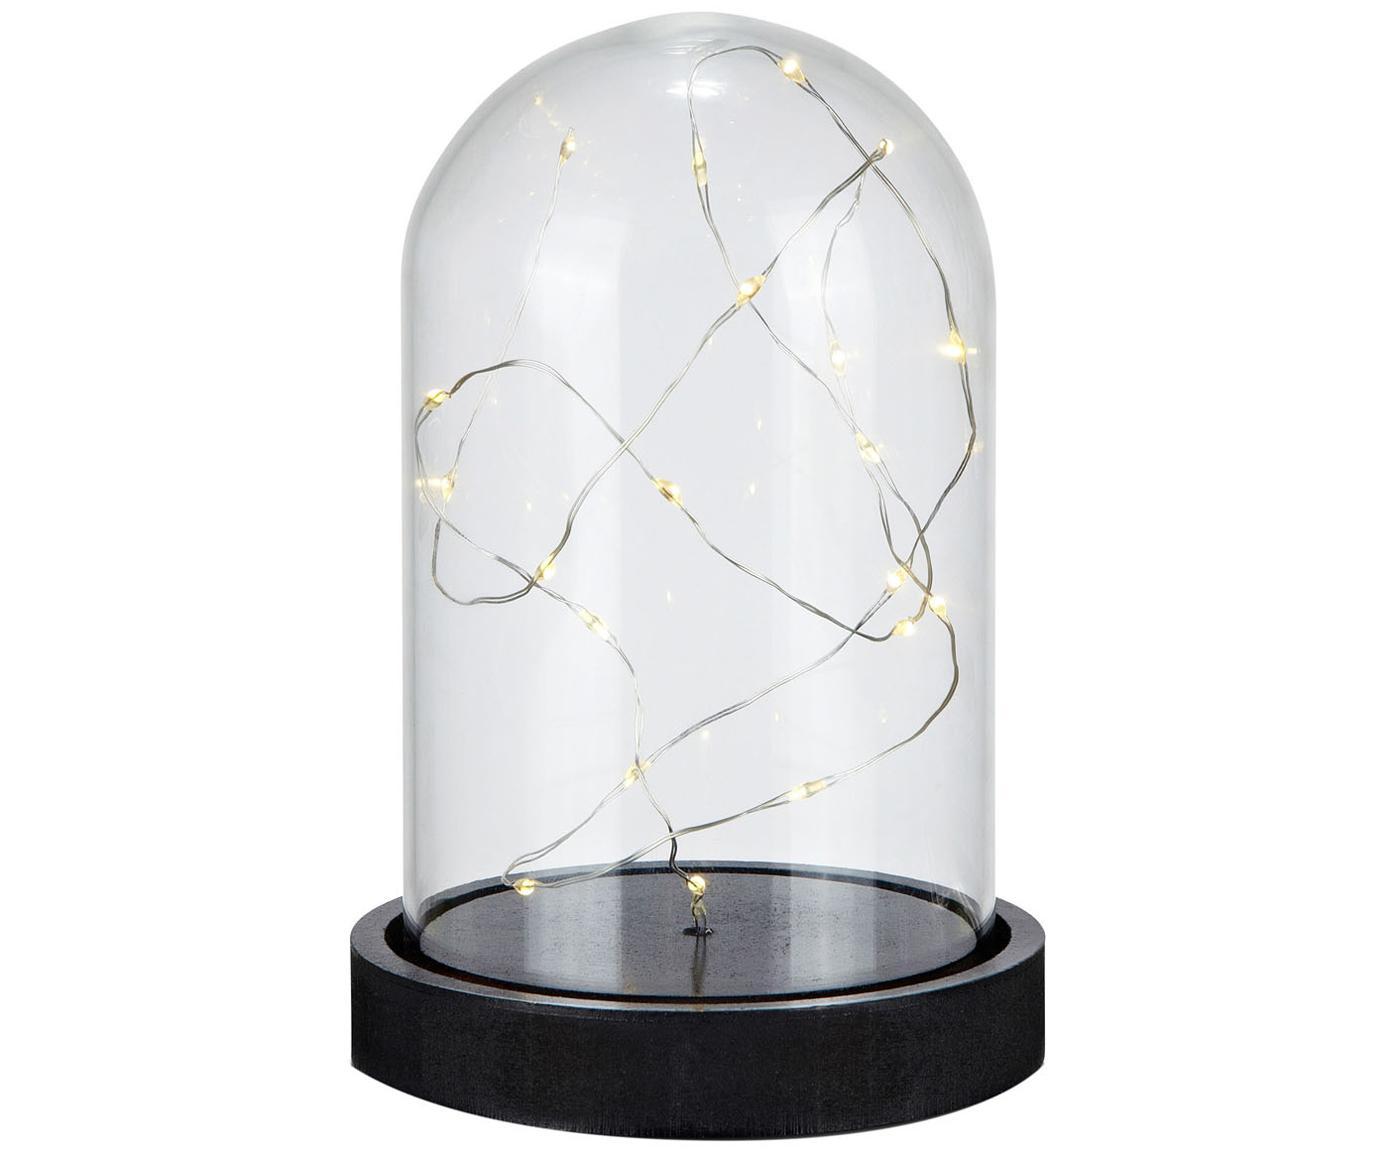 LED lichtobject Kupol, Voetstuk: kunststof, Lampenkap: glas, Zwart, transparant, Ø 11 x H 16 cm